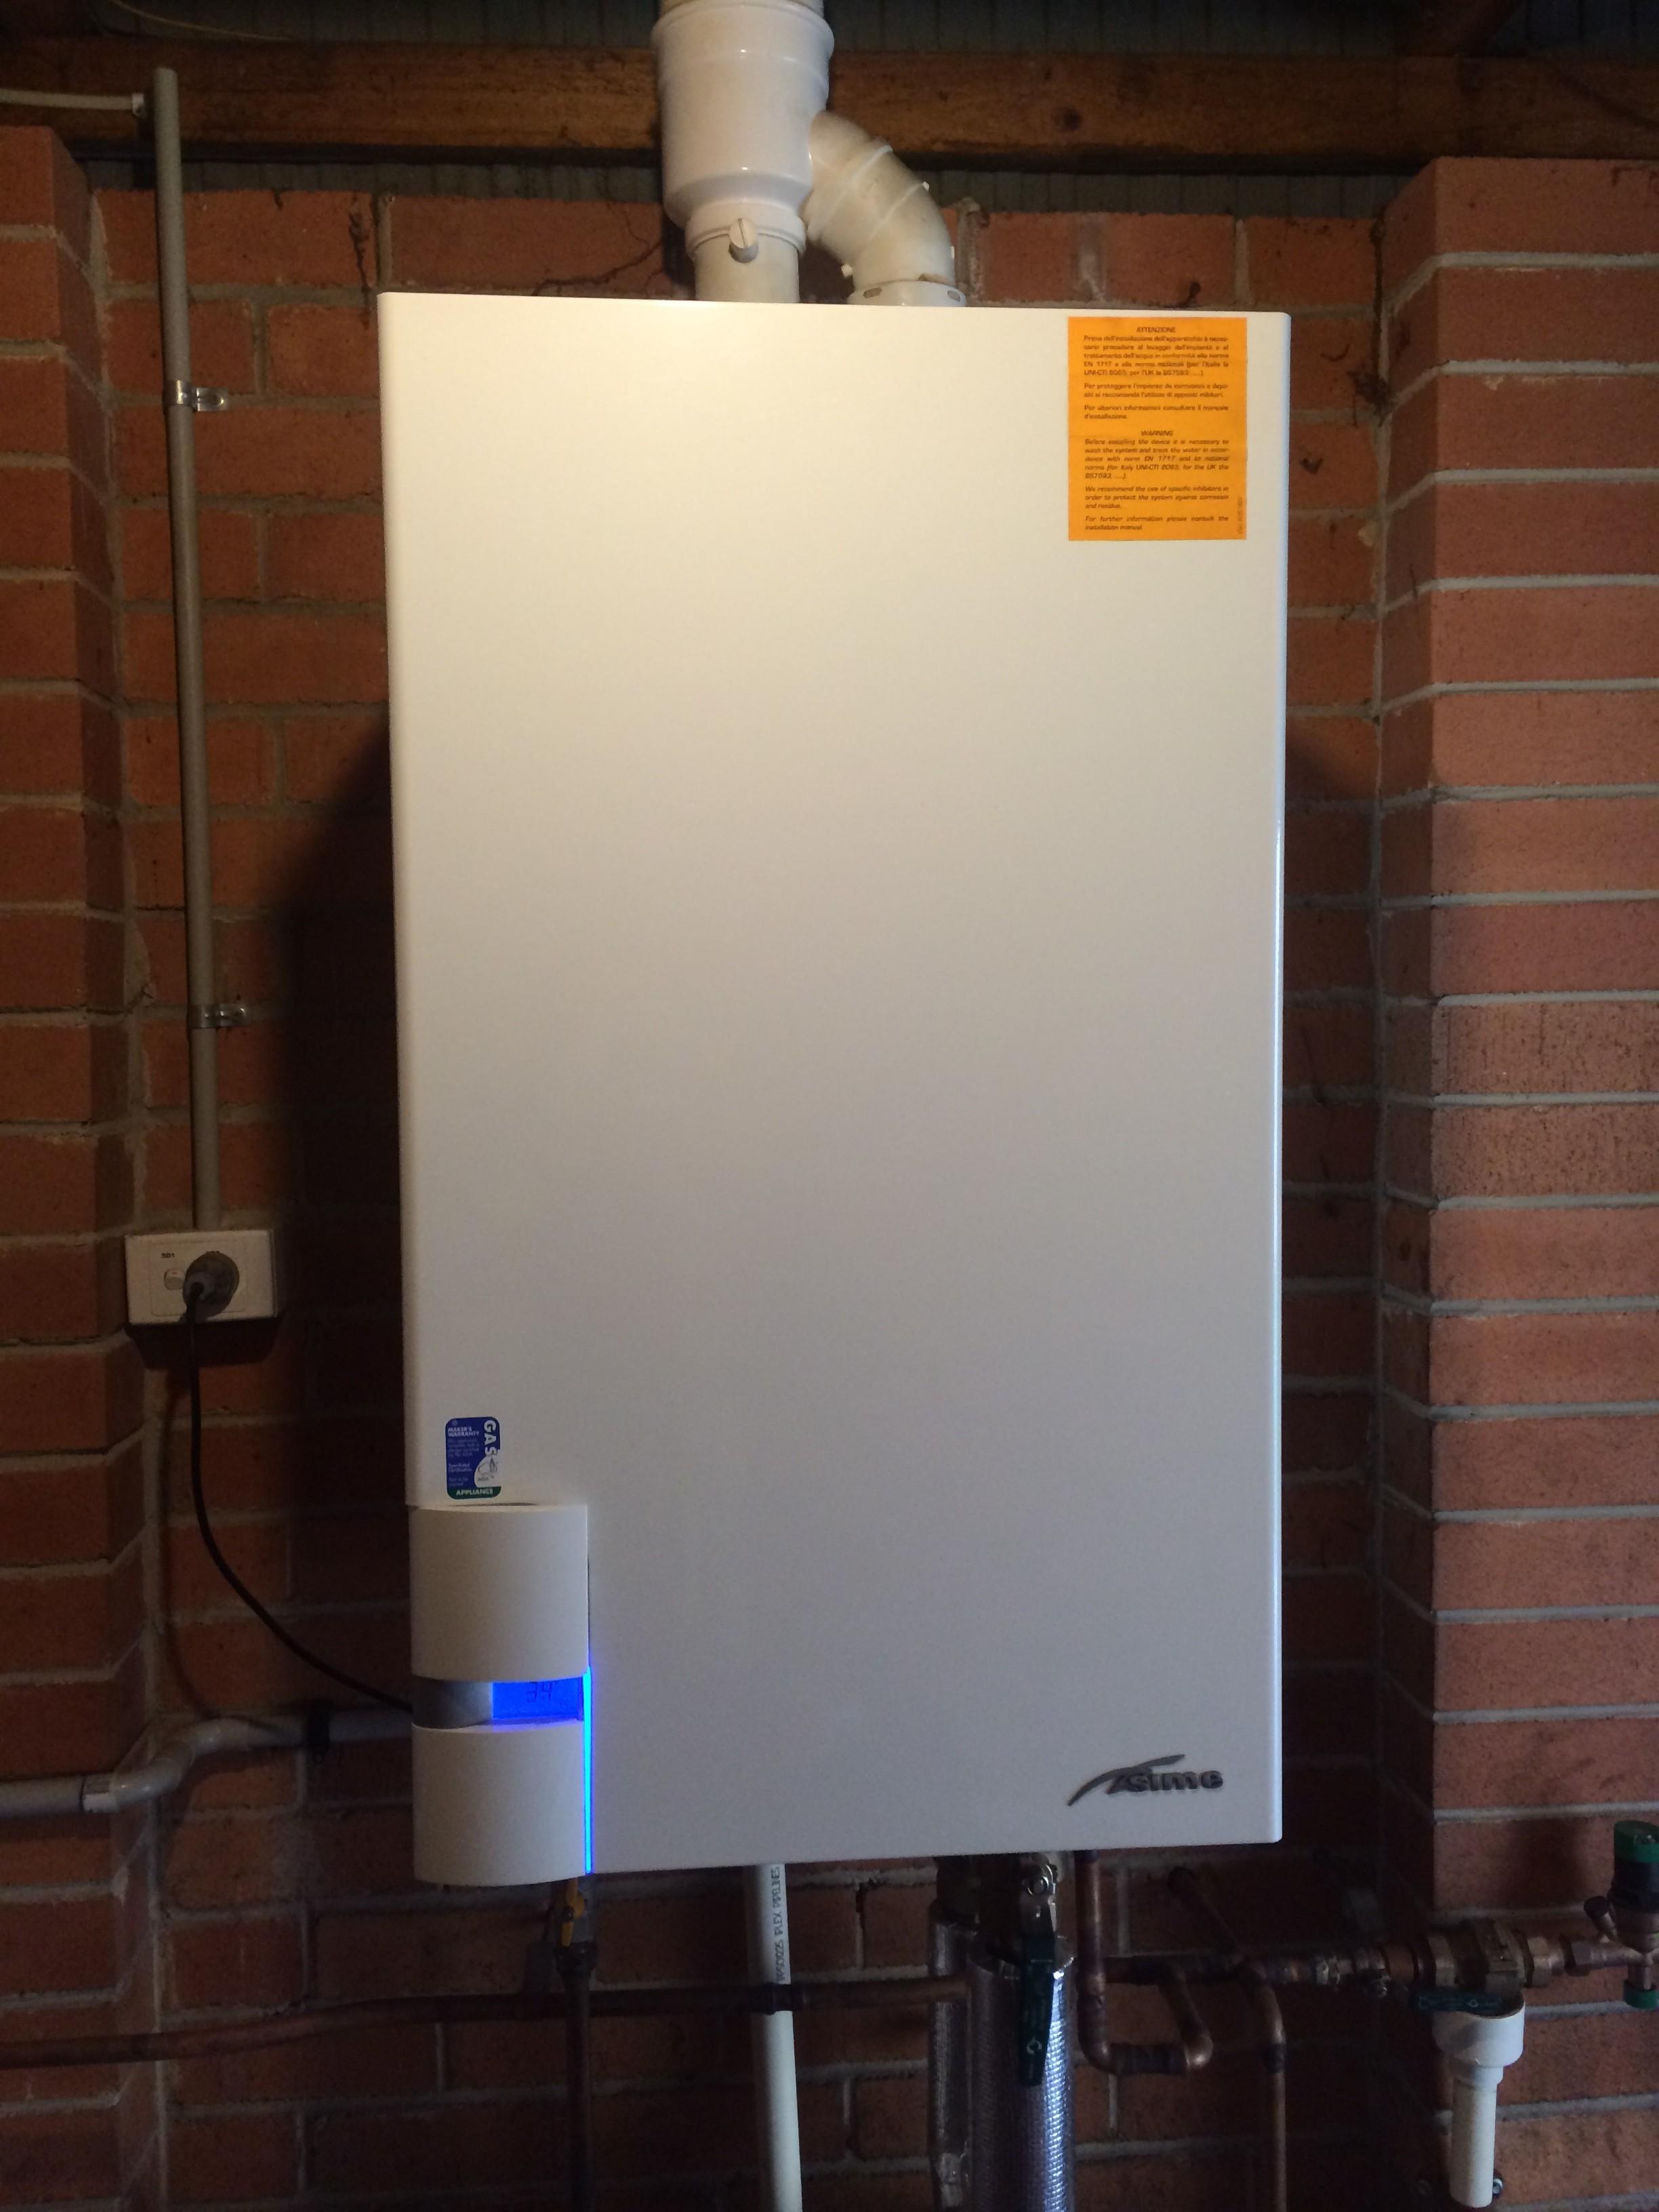 Condensing Boiler: Sime Condensing Boiler